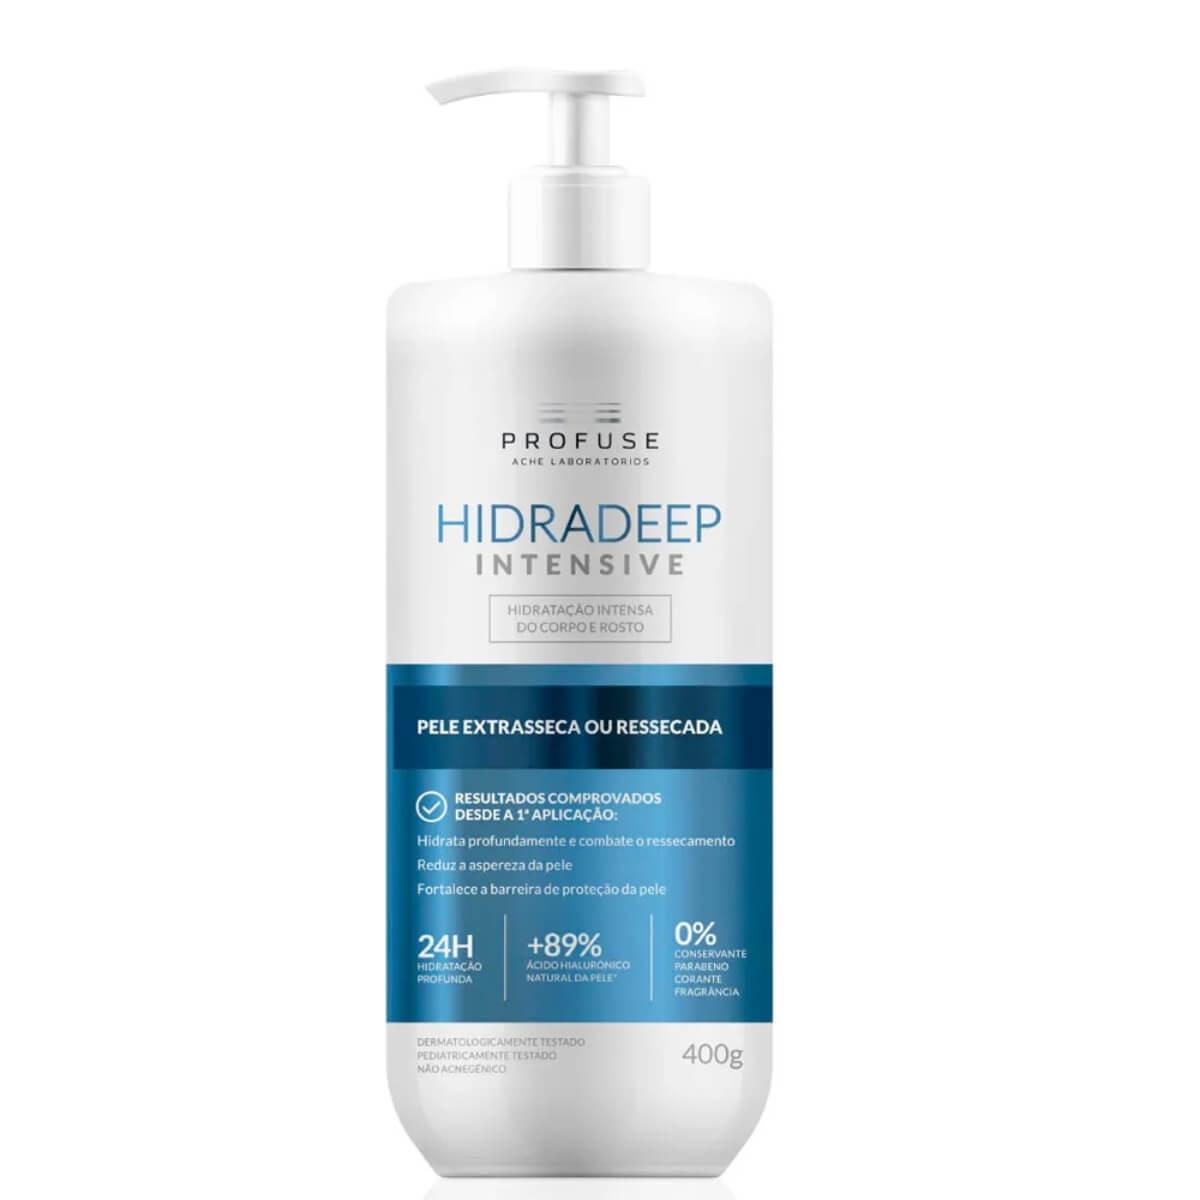 Hidratante para Corpo e Rosto Profuse Hidradeep Intensive Pele Extrasseca ou Ressecada com 400g 400g